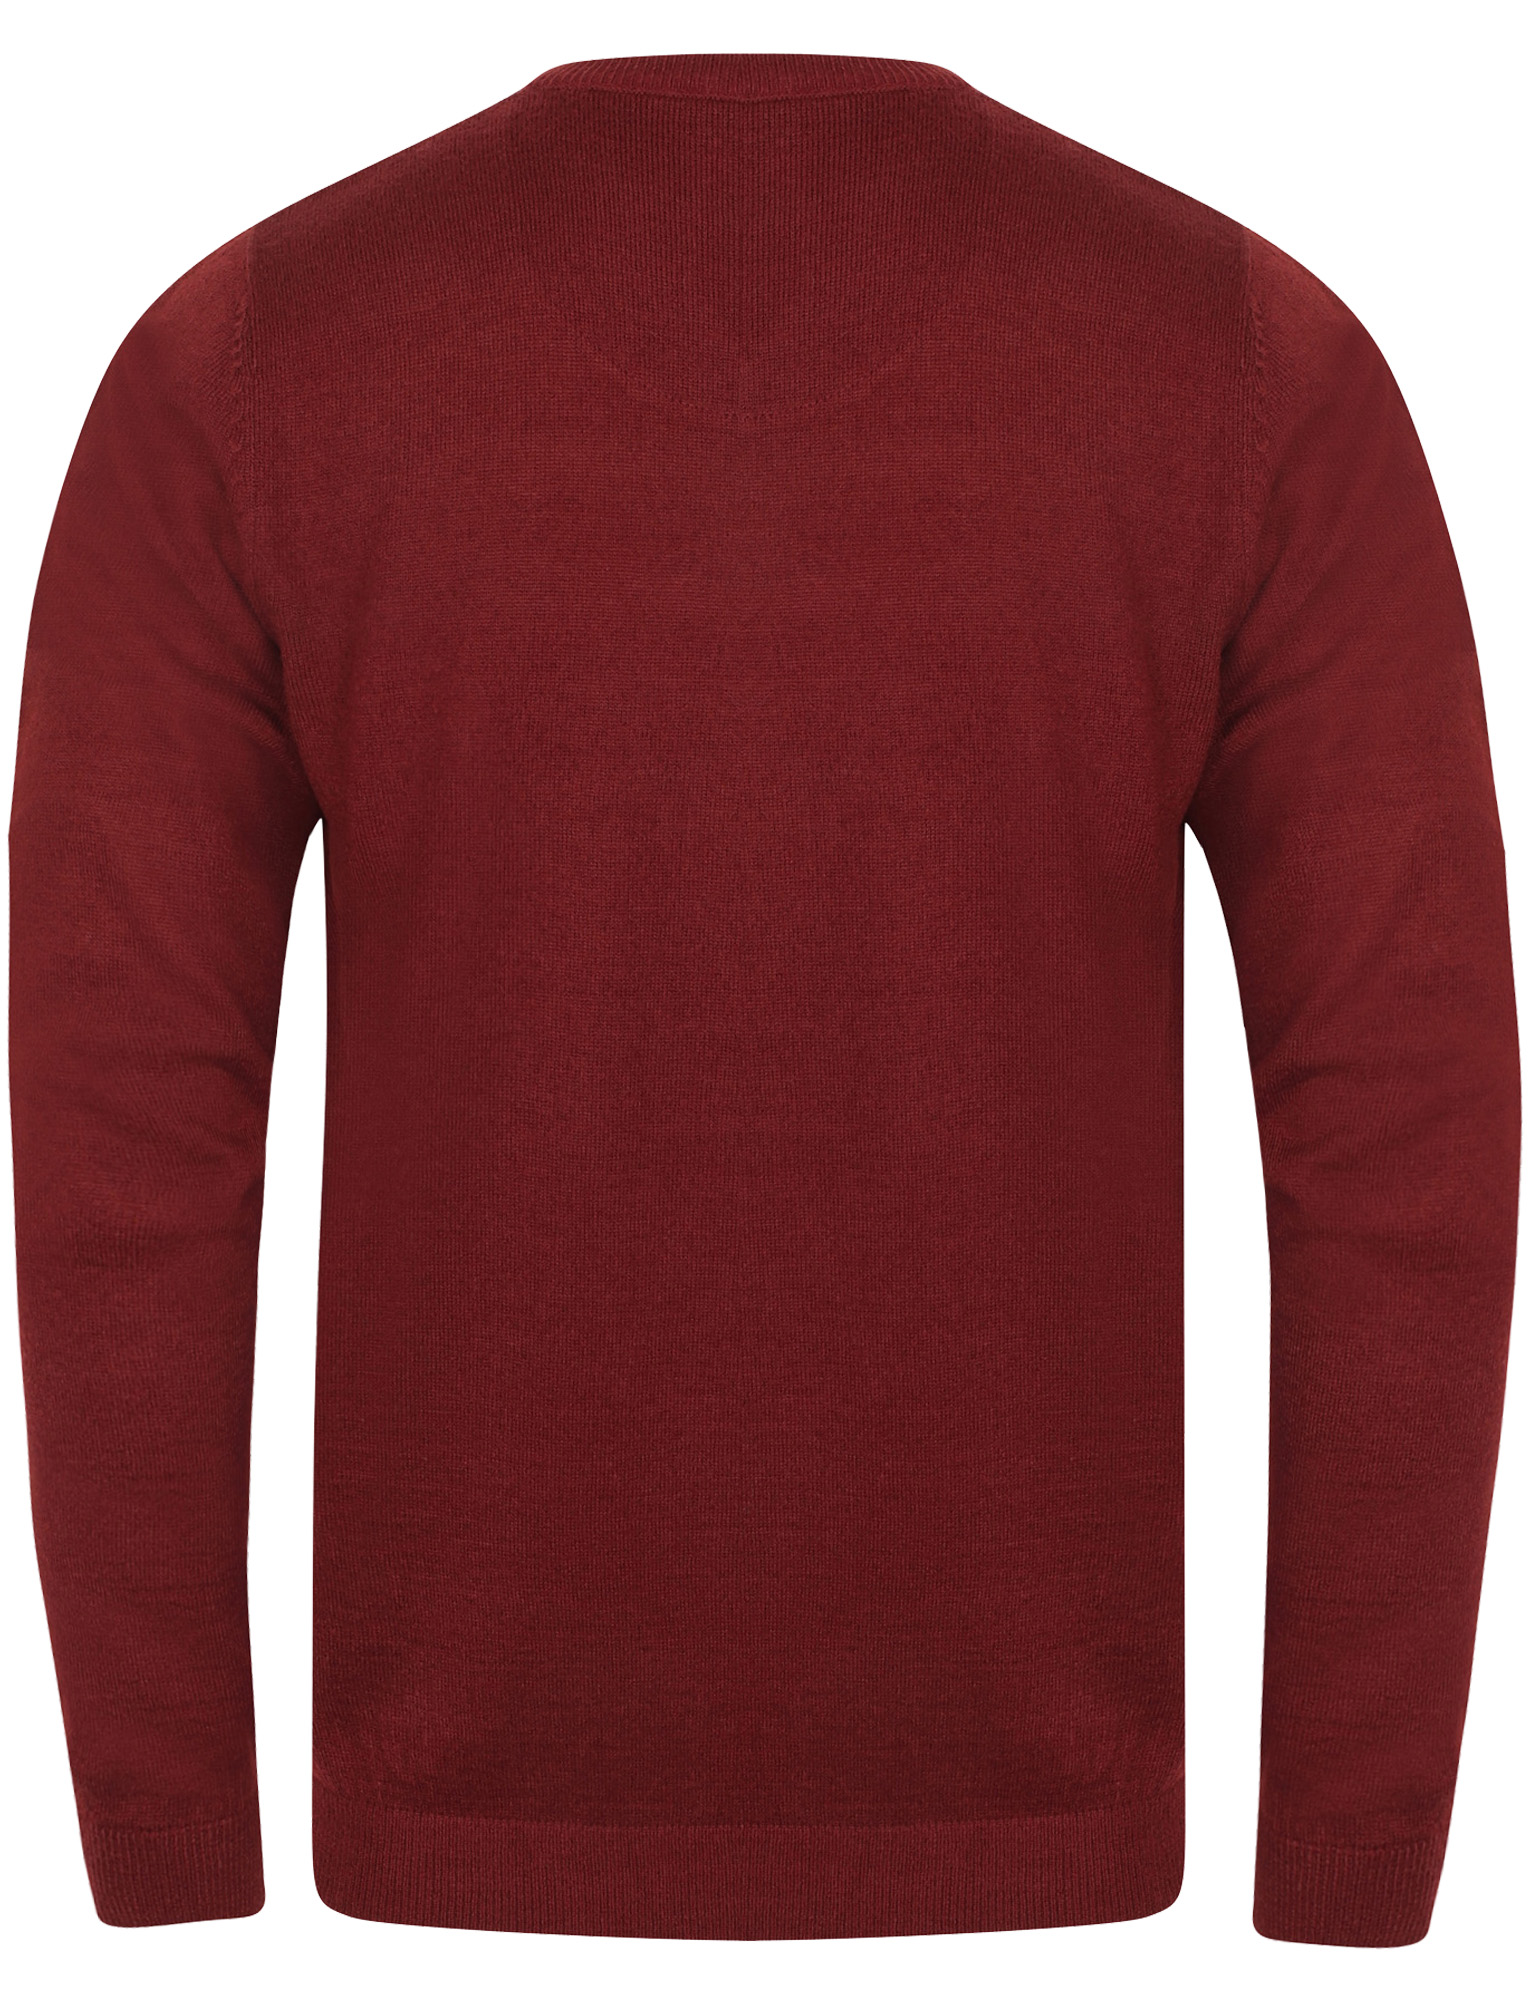 Kensington-Eastside-Men-039-s-Wool-Blend-Knitted-Crew-or-V-Neck-Jumper-Sweater-Top thumbnail 39